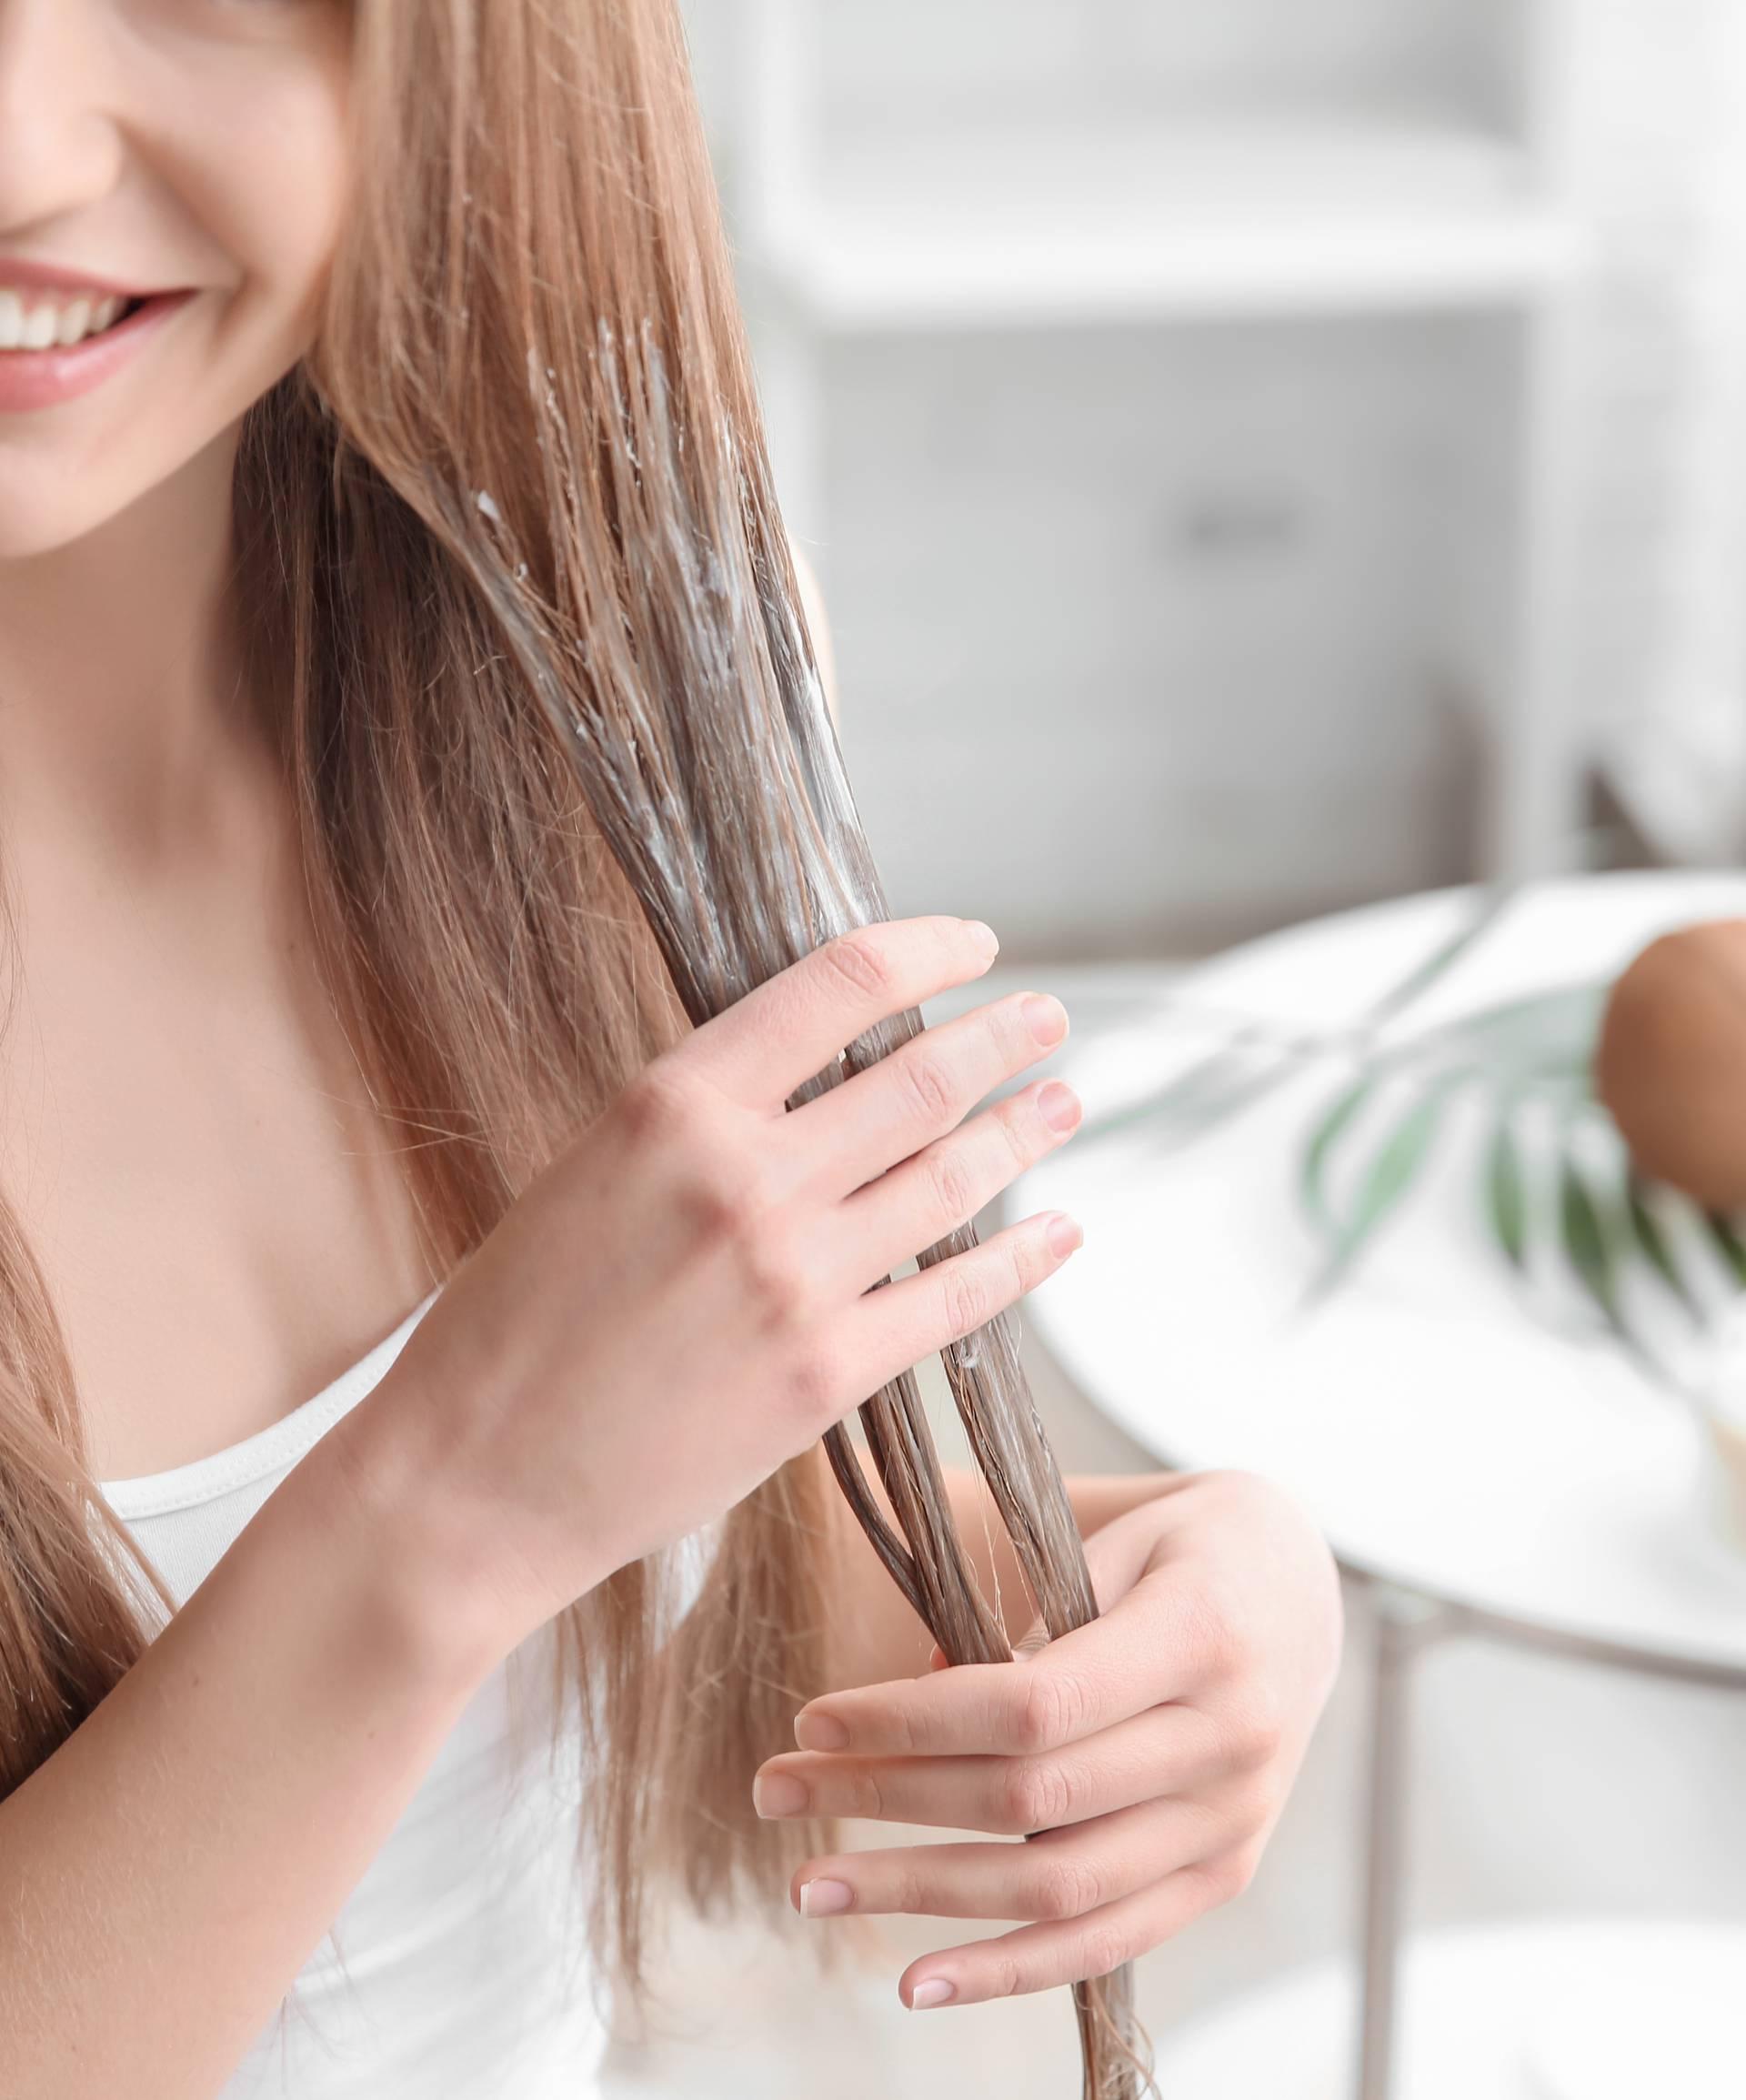 Savjeti stručnjaka: Top rituali za kosu koja ubrzano stari